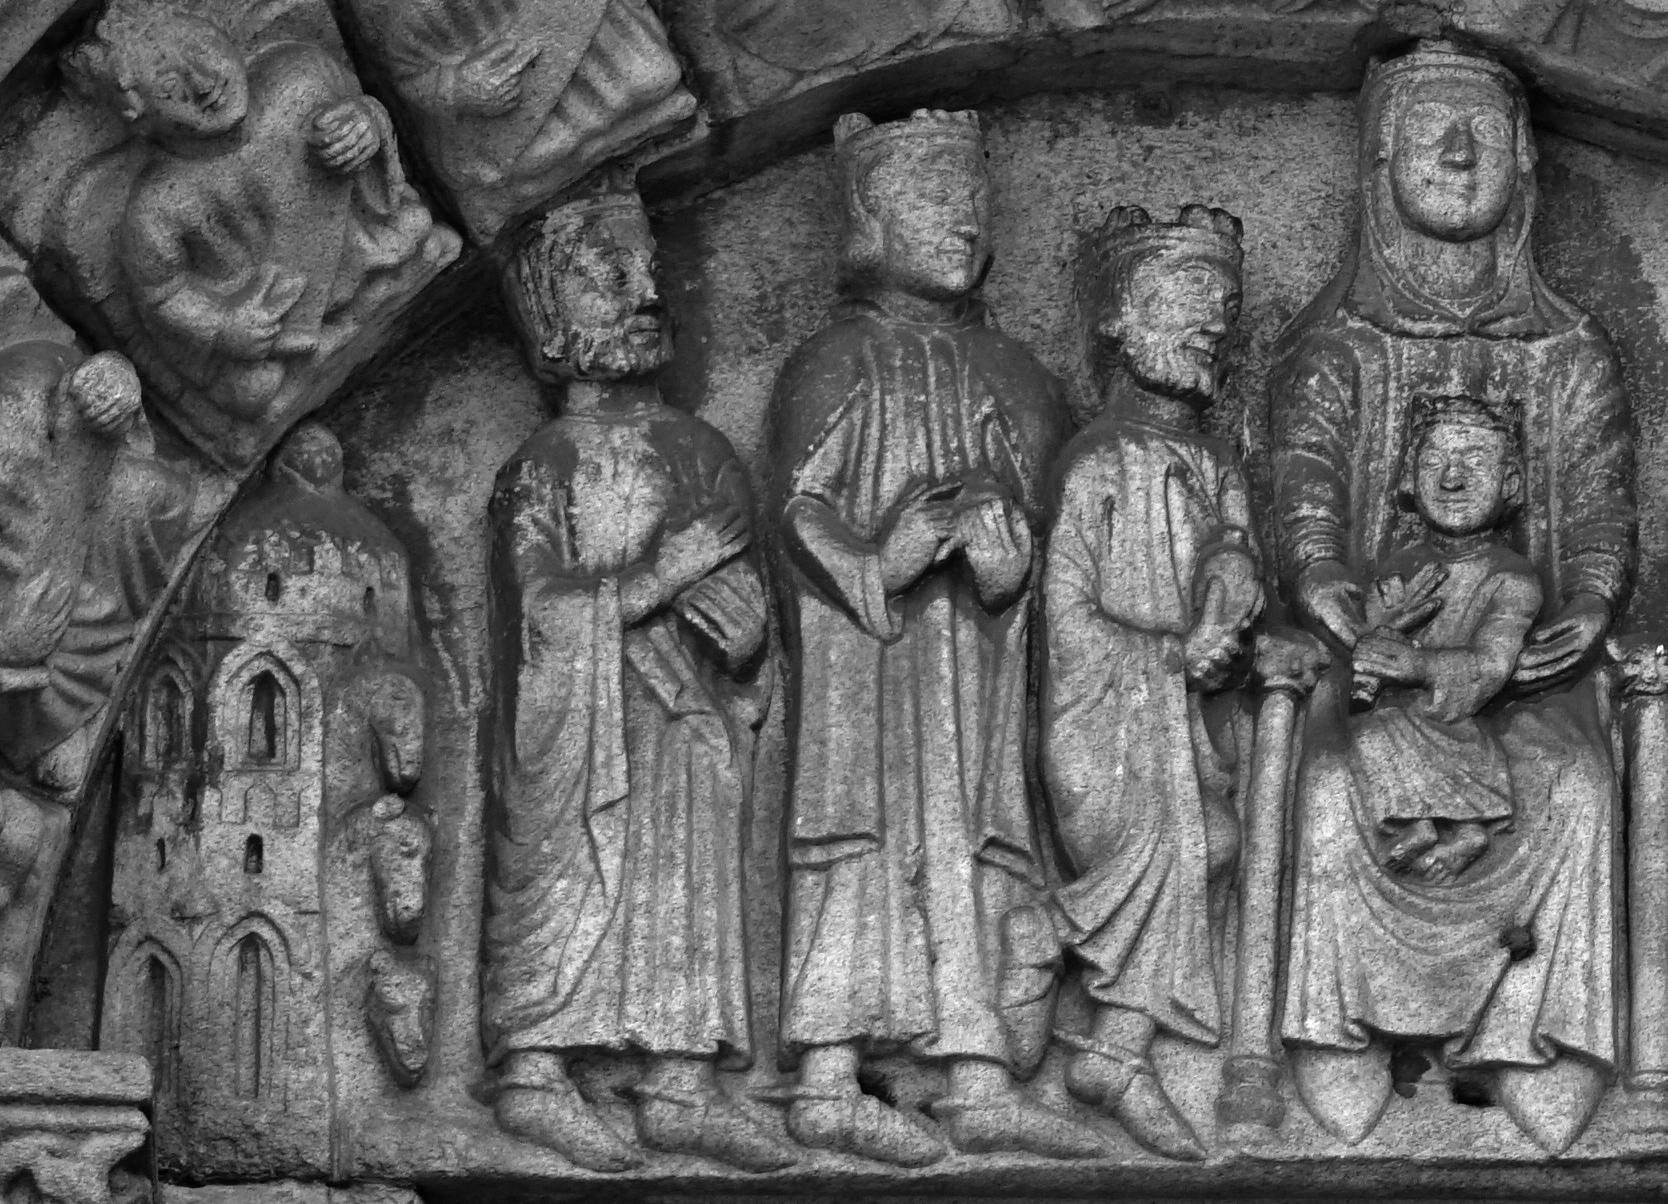 Relleu dels Reis Mags a la portalada de Santa Maria do Campo. Primer itinerari per A Coruña